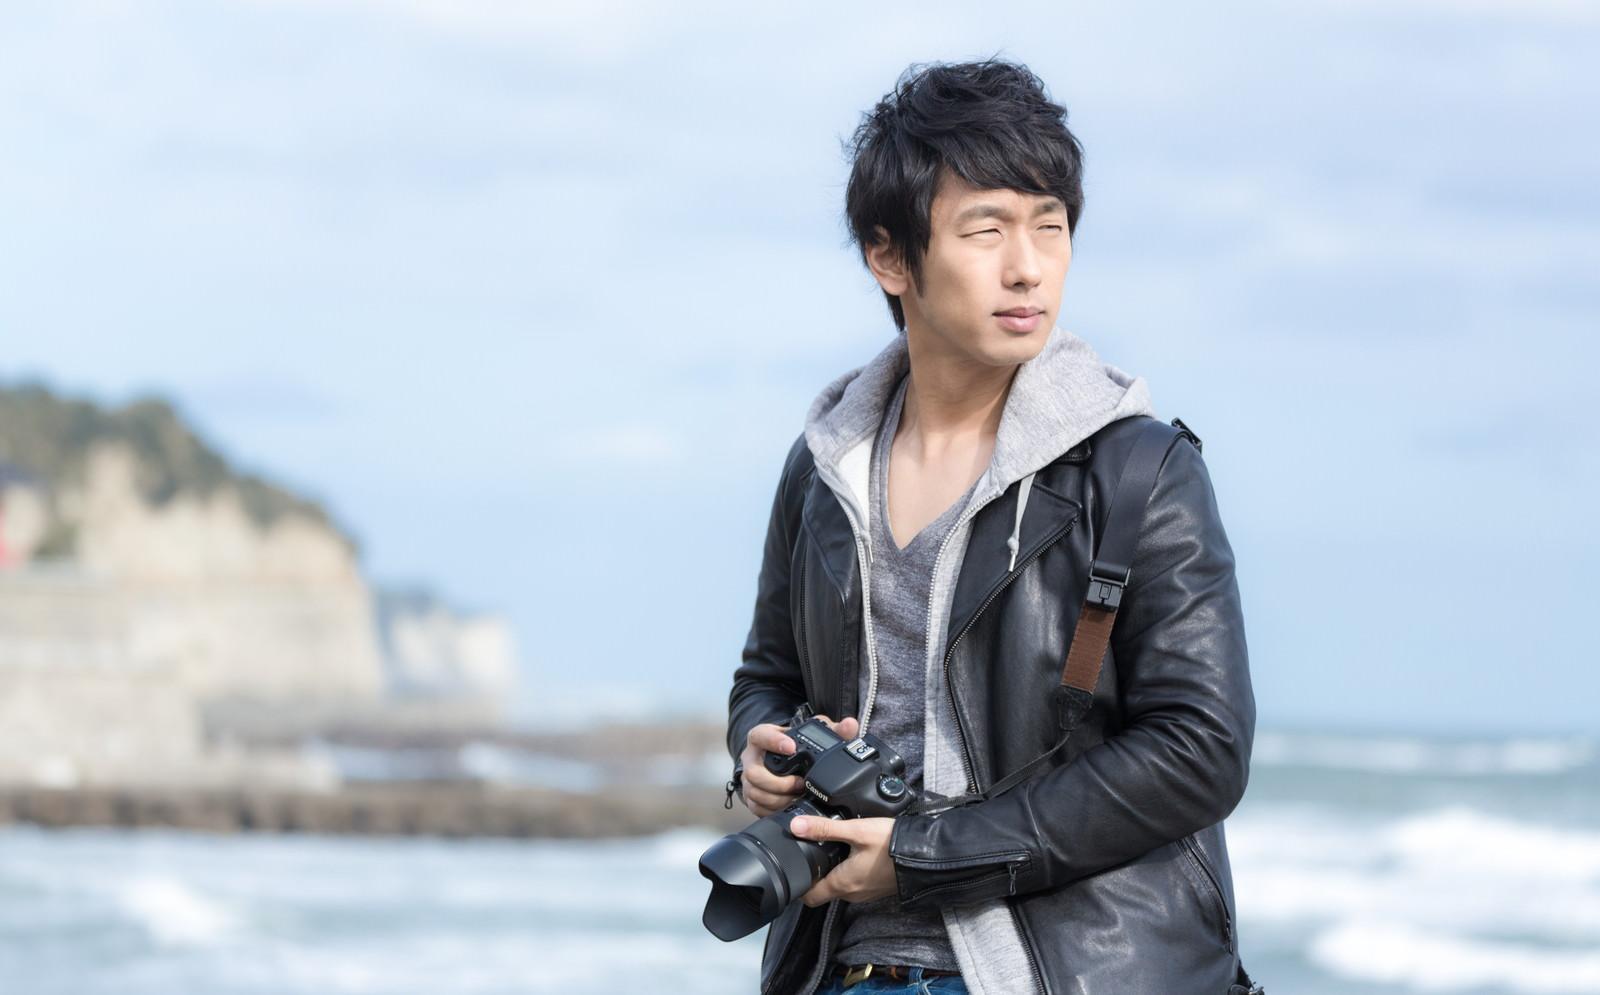 津々ヶ浦の風景を撮影するカメラマン